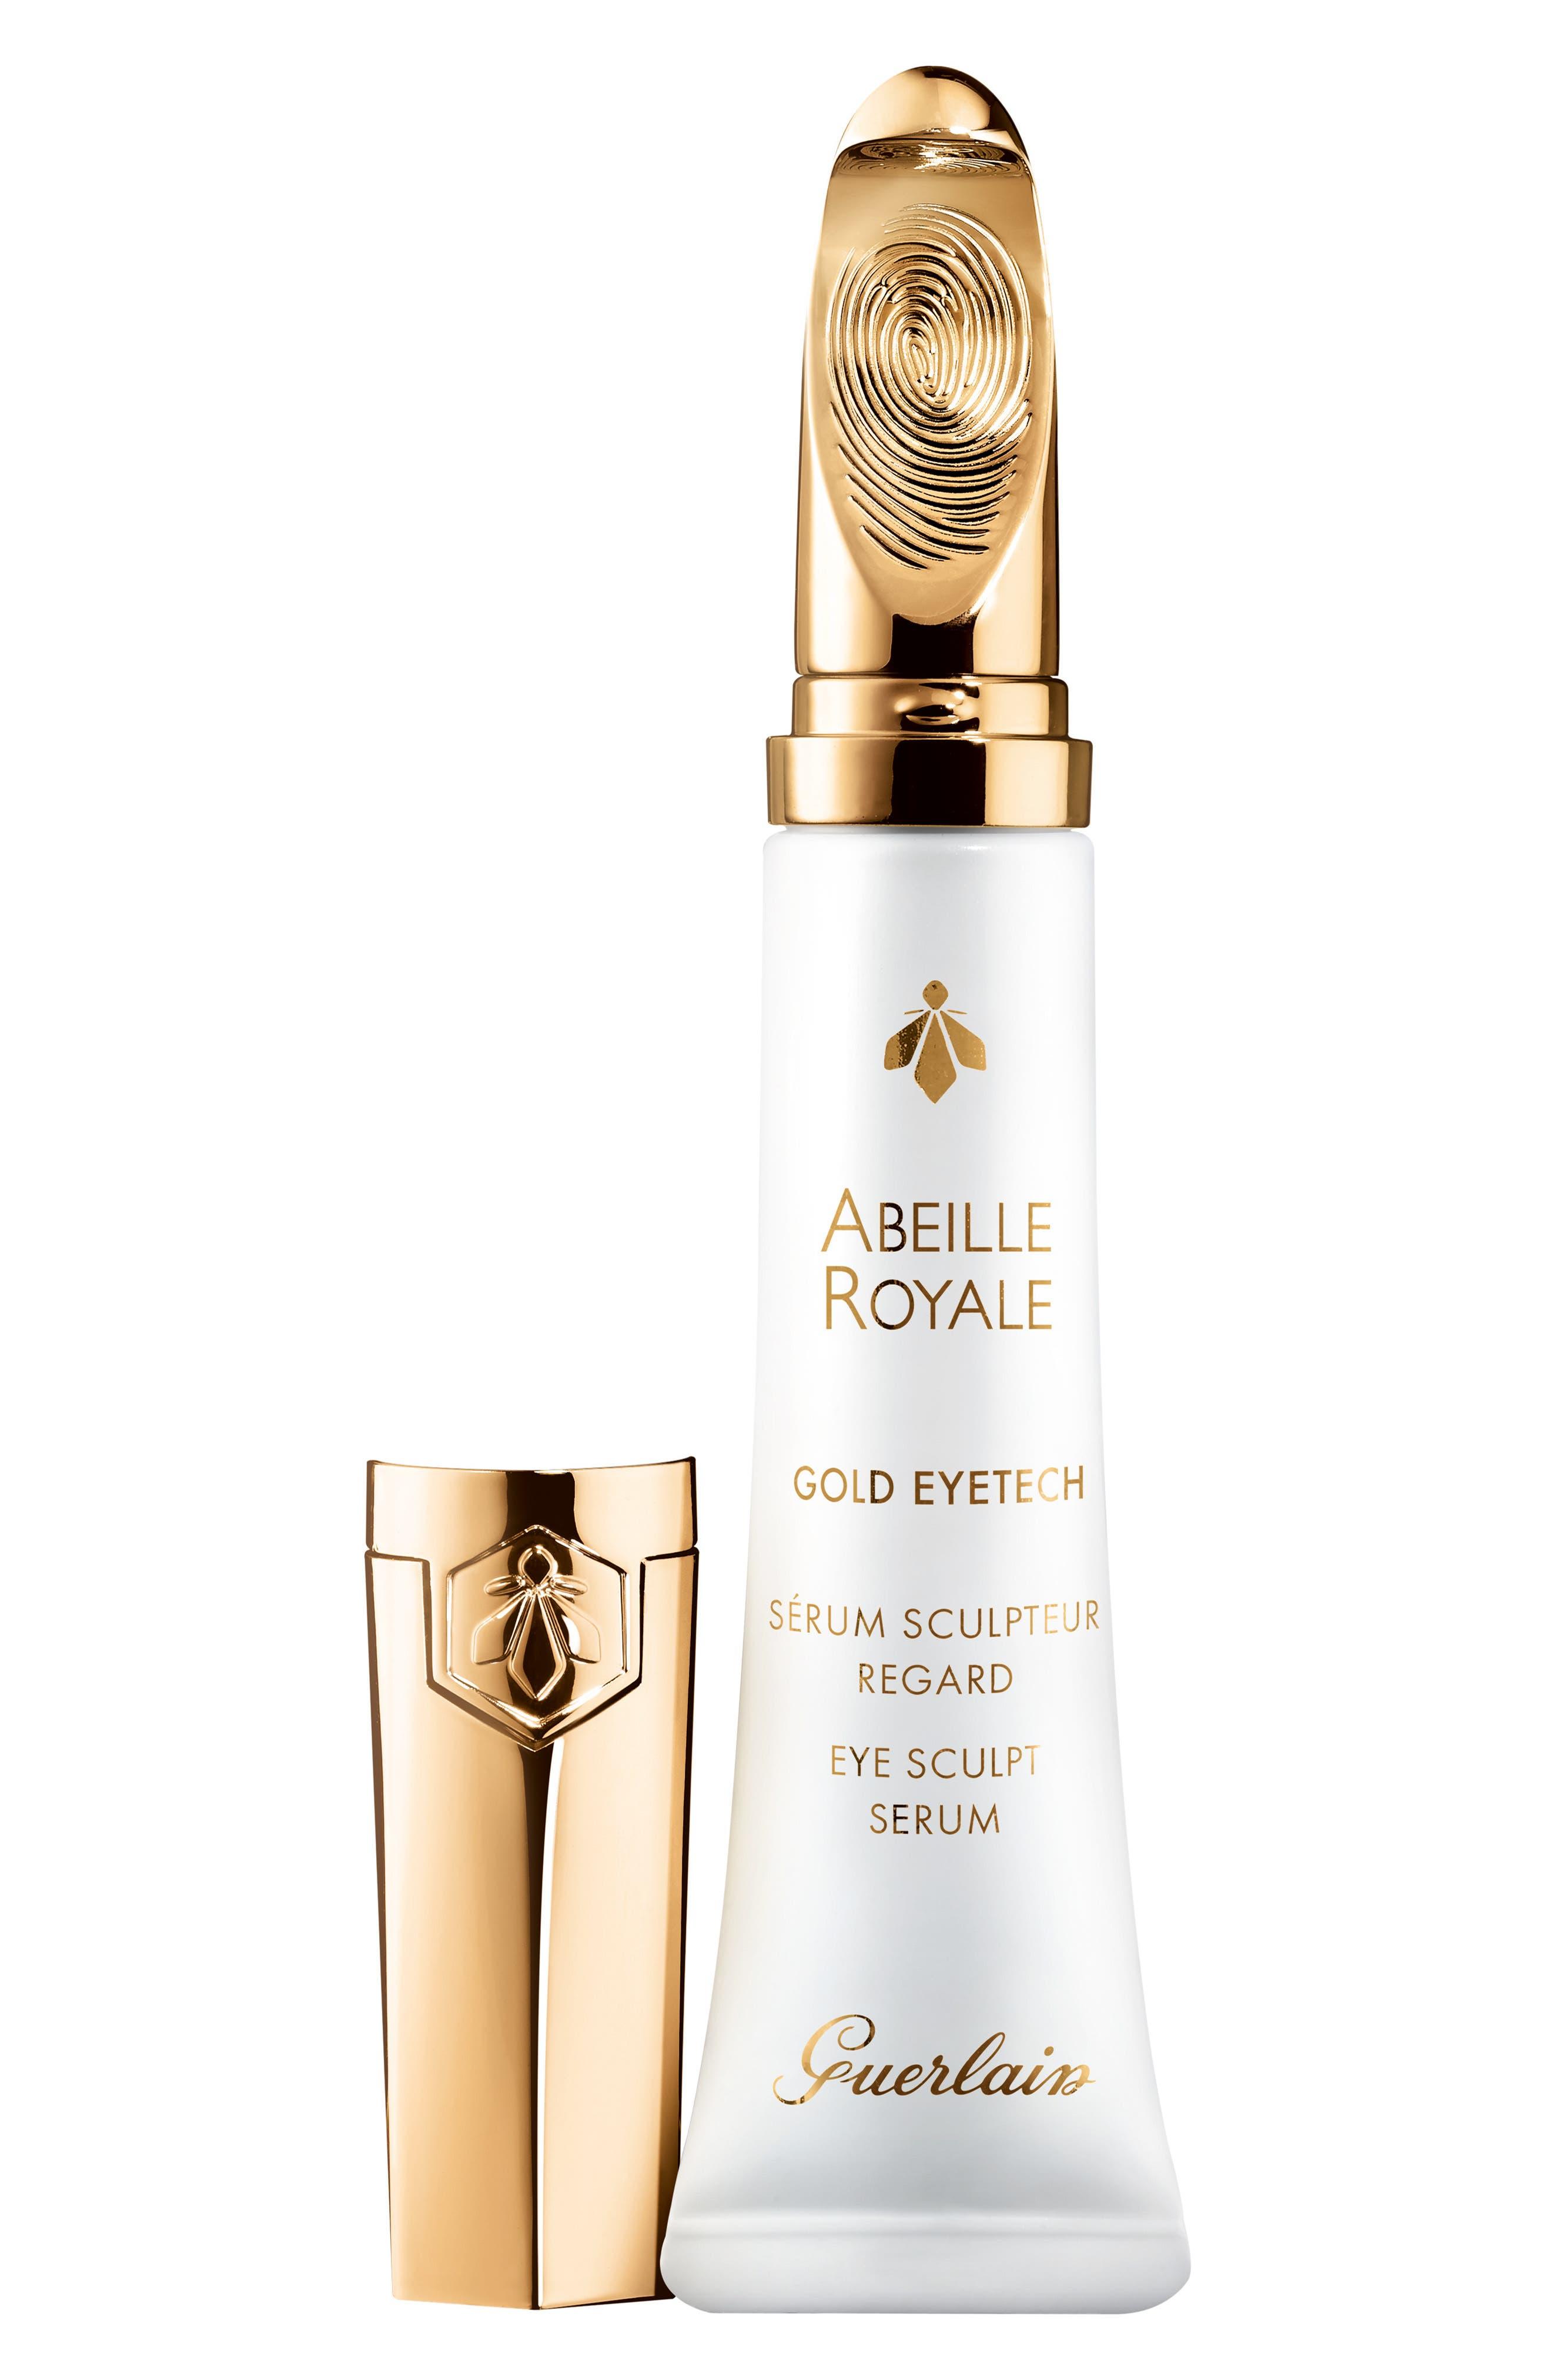 Abeille Royale - Gold Eyetech Eye Sculpt Serum, Main, color, NO COLOR